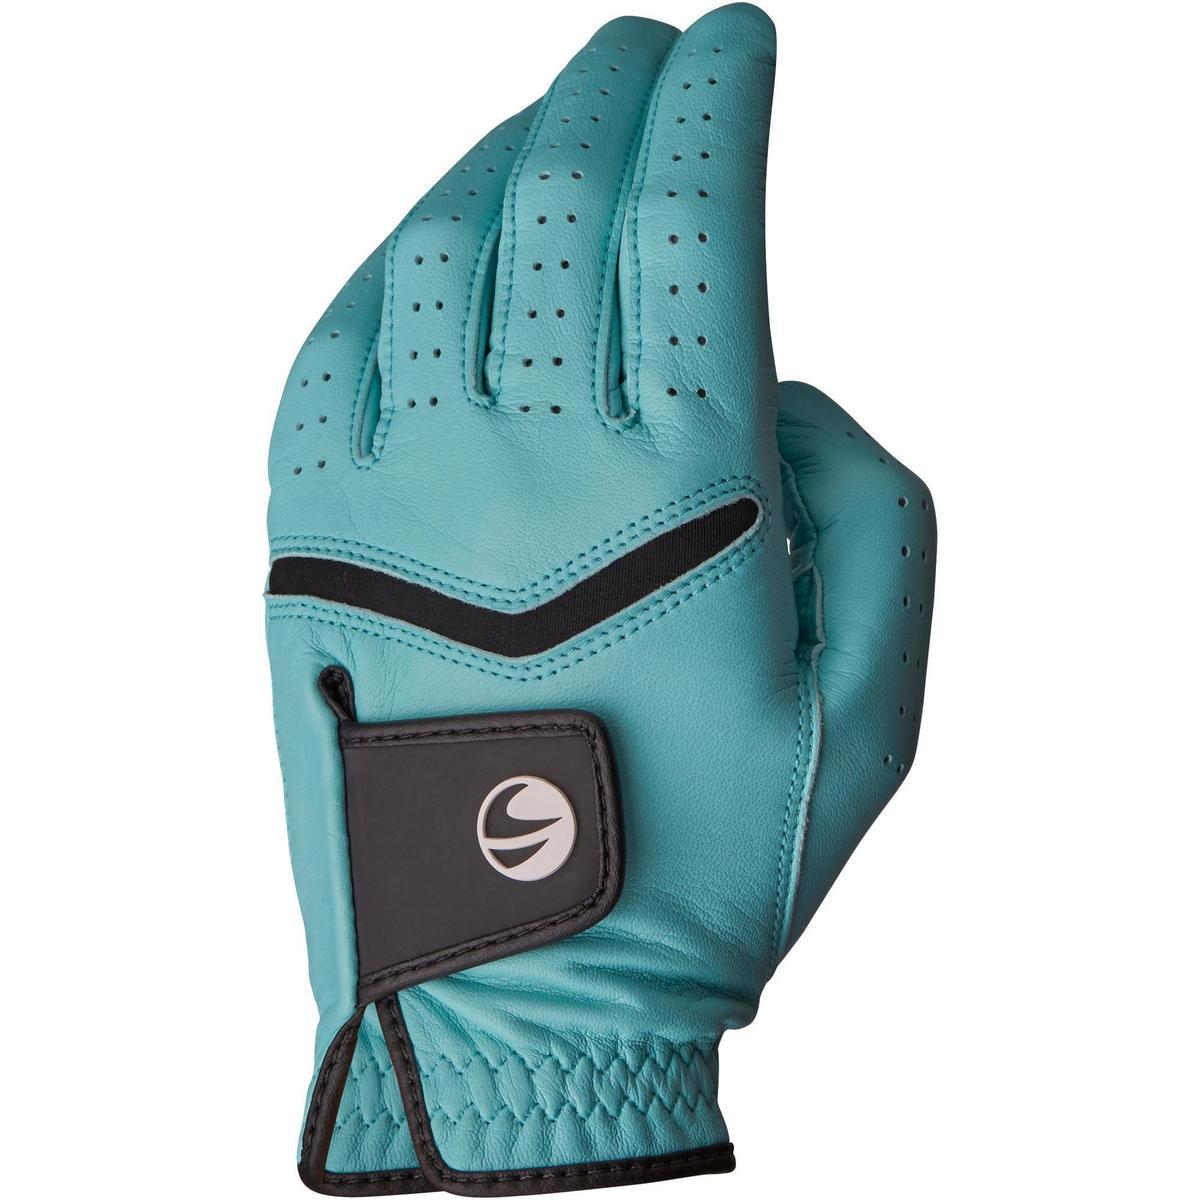 Bild 3 von Golfhandschuh 500 Rechtshand (für die linke Hand) Damen blau